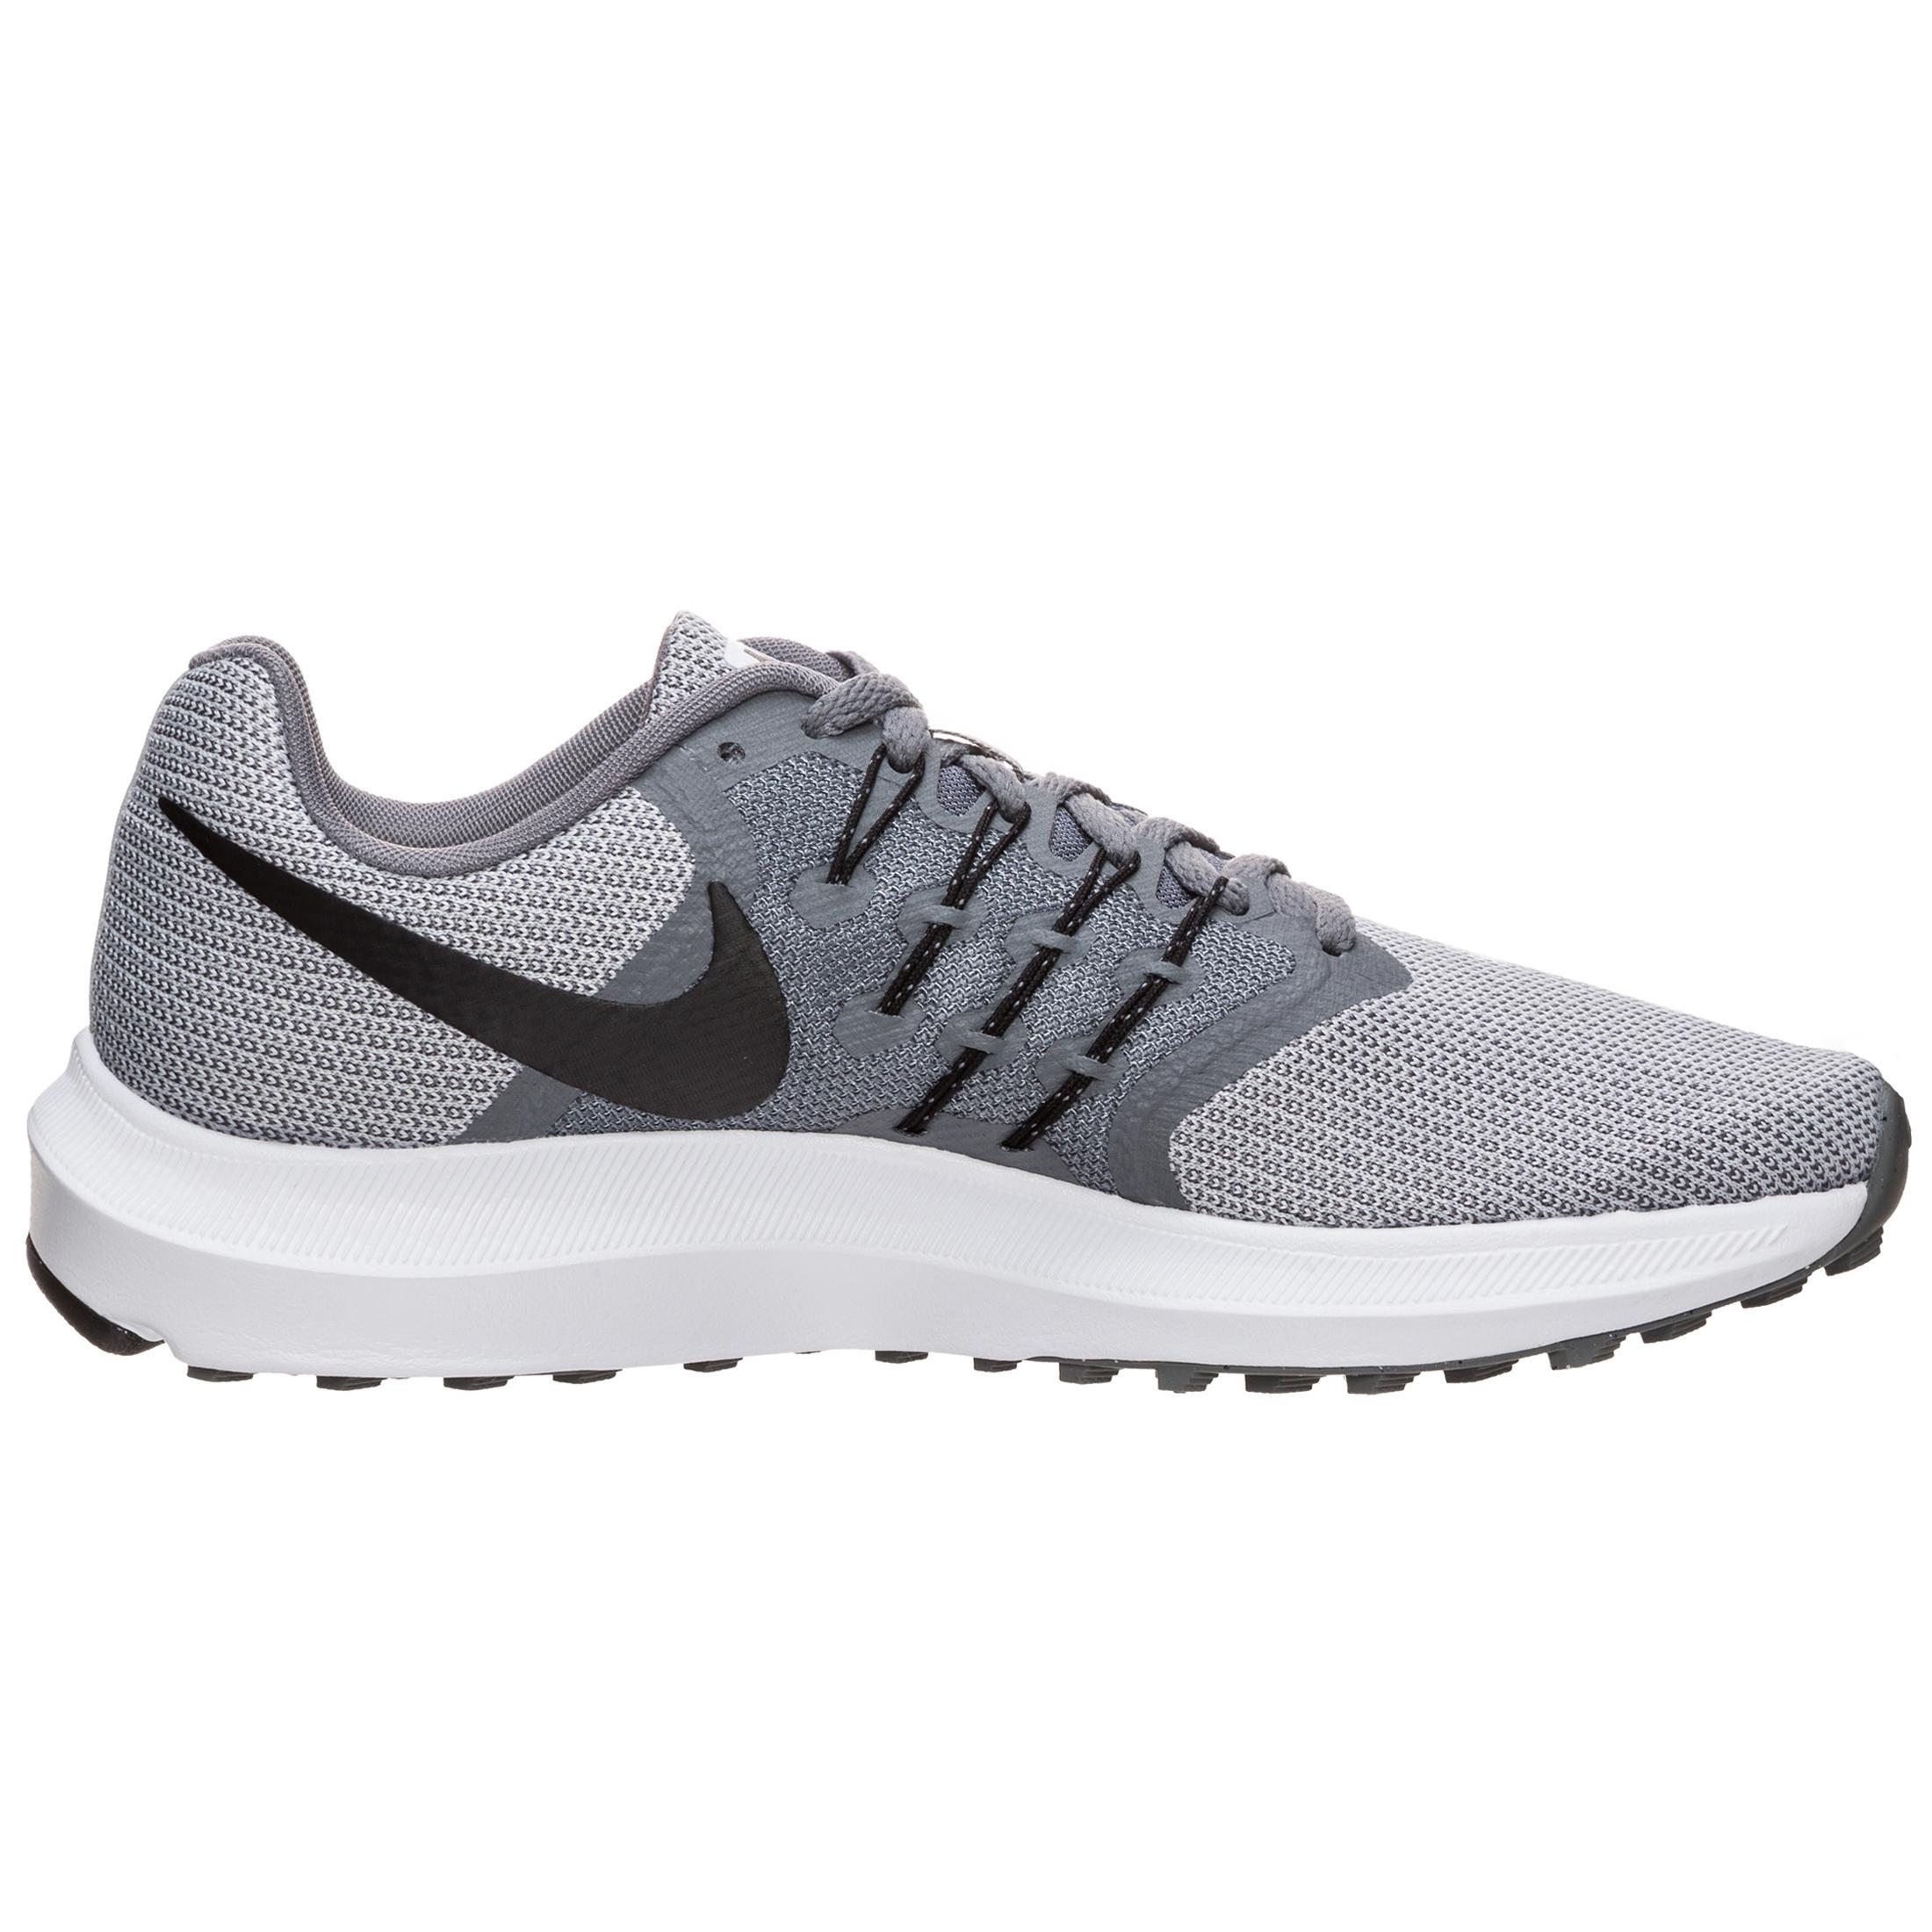 Nike Run Swift Laufschuhe Damen grau im / schwarz im grau Online Shop von SportScheck kaufen Gute Qualität beliebte Schuhe 309f91